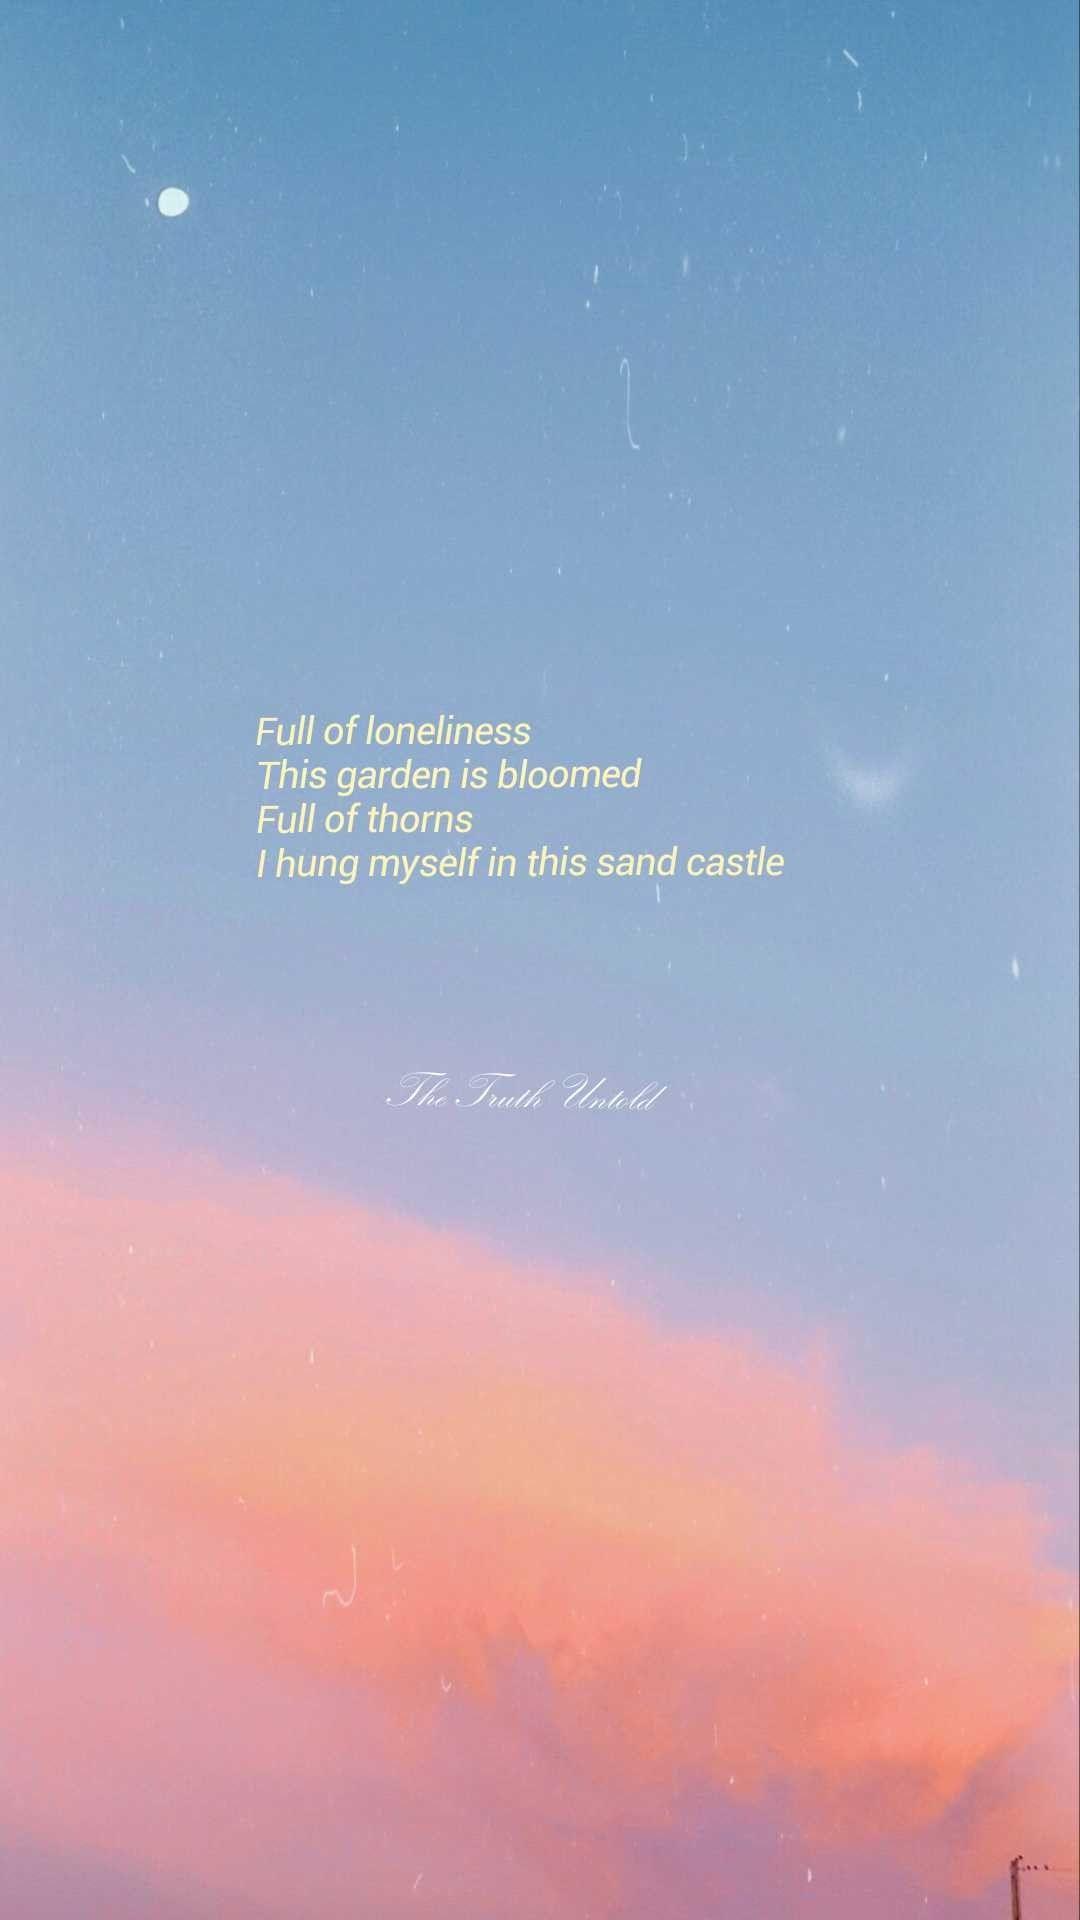 Bts lyrics in 2019 Bts wallpaper lyrics, Bts lyrics quotes